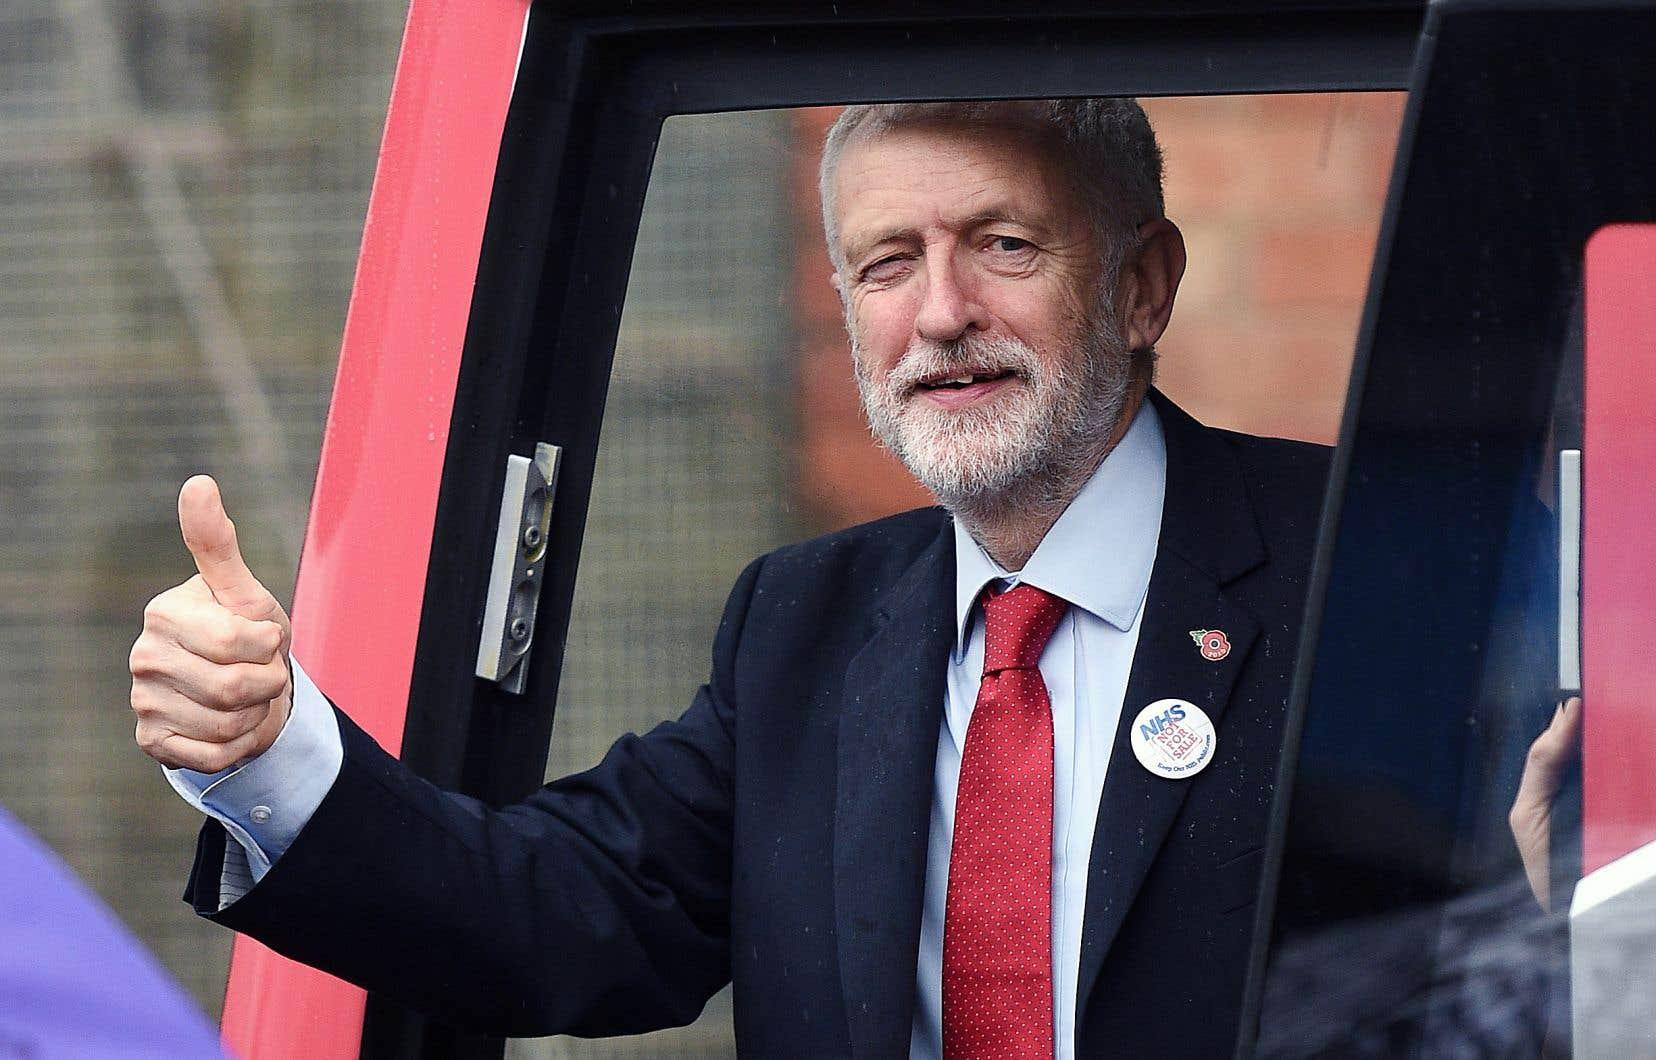 Le chef travailliste britannique, Jeremy Corbyn, a présenté son autobus de campagne à la presse, jeudi, à Liverpool.